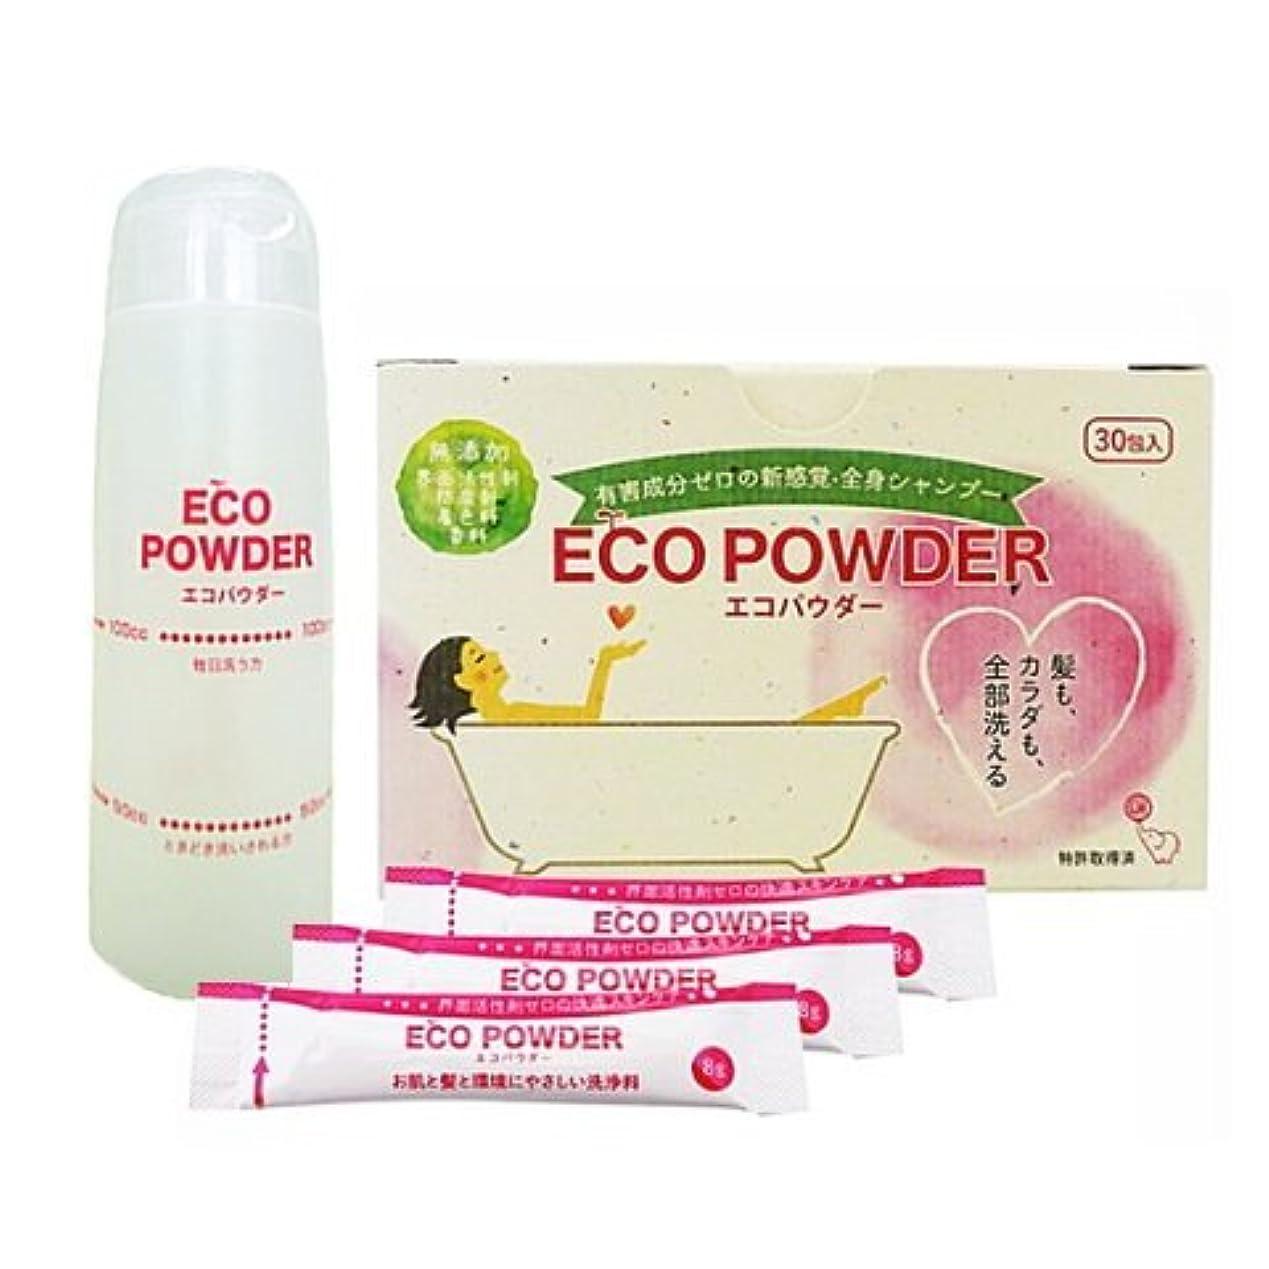 。コミュニティもエコパウダー ( 旧ママプレマシャンプー ) 8g×30包 (専用容器付き) 界面活性剤ゼロシャンプー 乾燥肌 敏感肌 赤ちゃんに